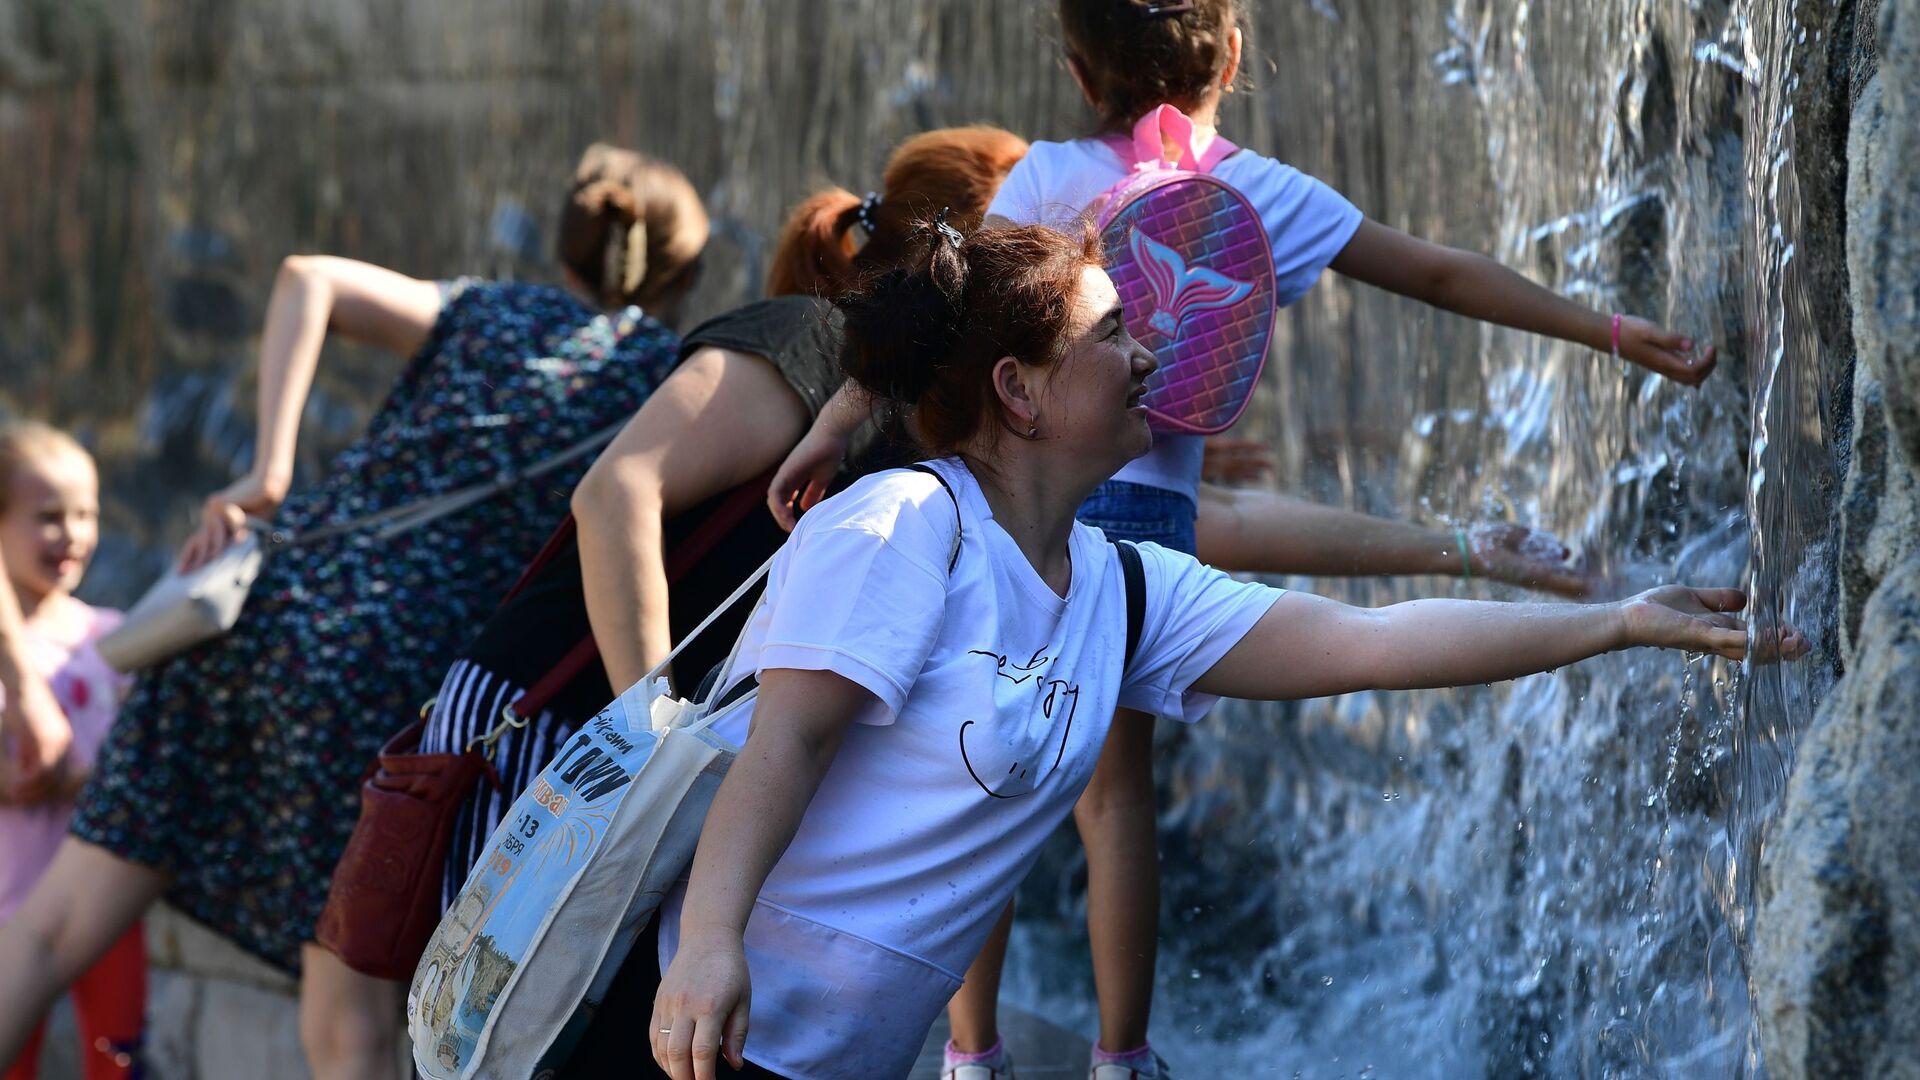 Passanti si rinfrescano con l'acqua di una fontana al centro di Mosca - Sputnik Italia, 1920, 07.06.2021